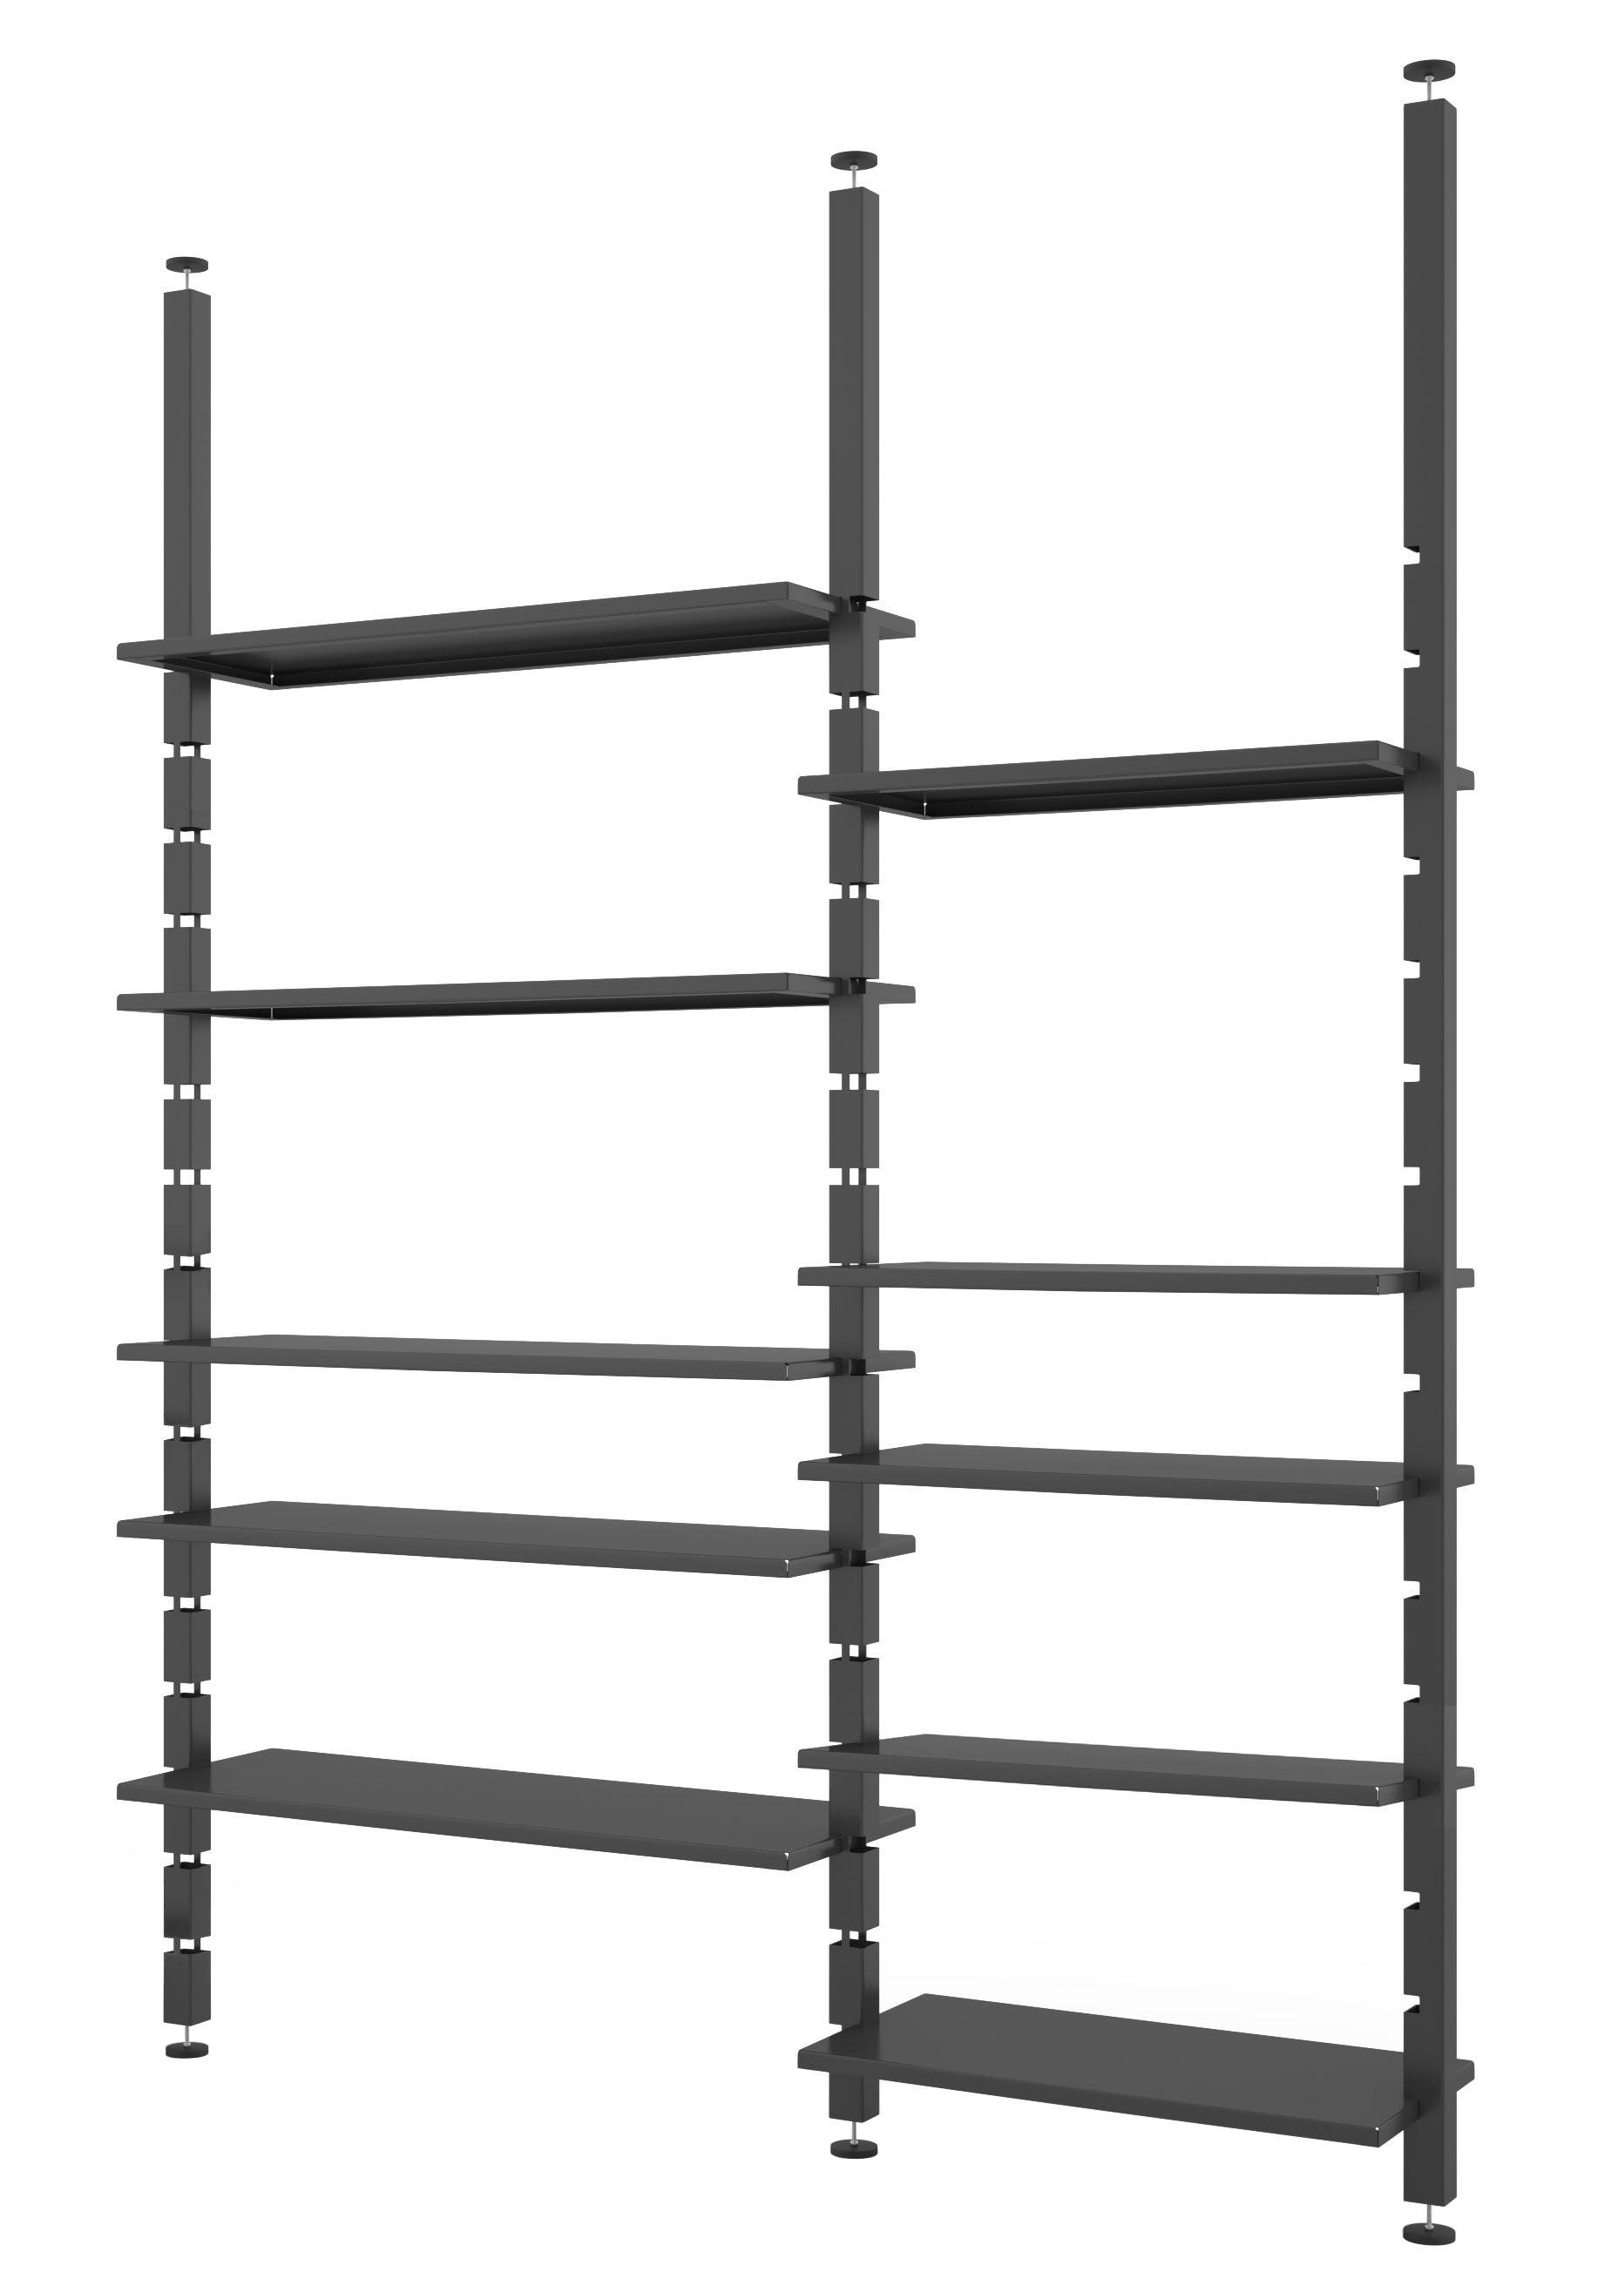 biblioth que kasper fixation au plafond l 185 cm x h 240 246 cm gris canon de fusil zeus. Black Bedroom Furniture Sets. Home Design Ideas